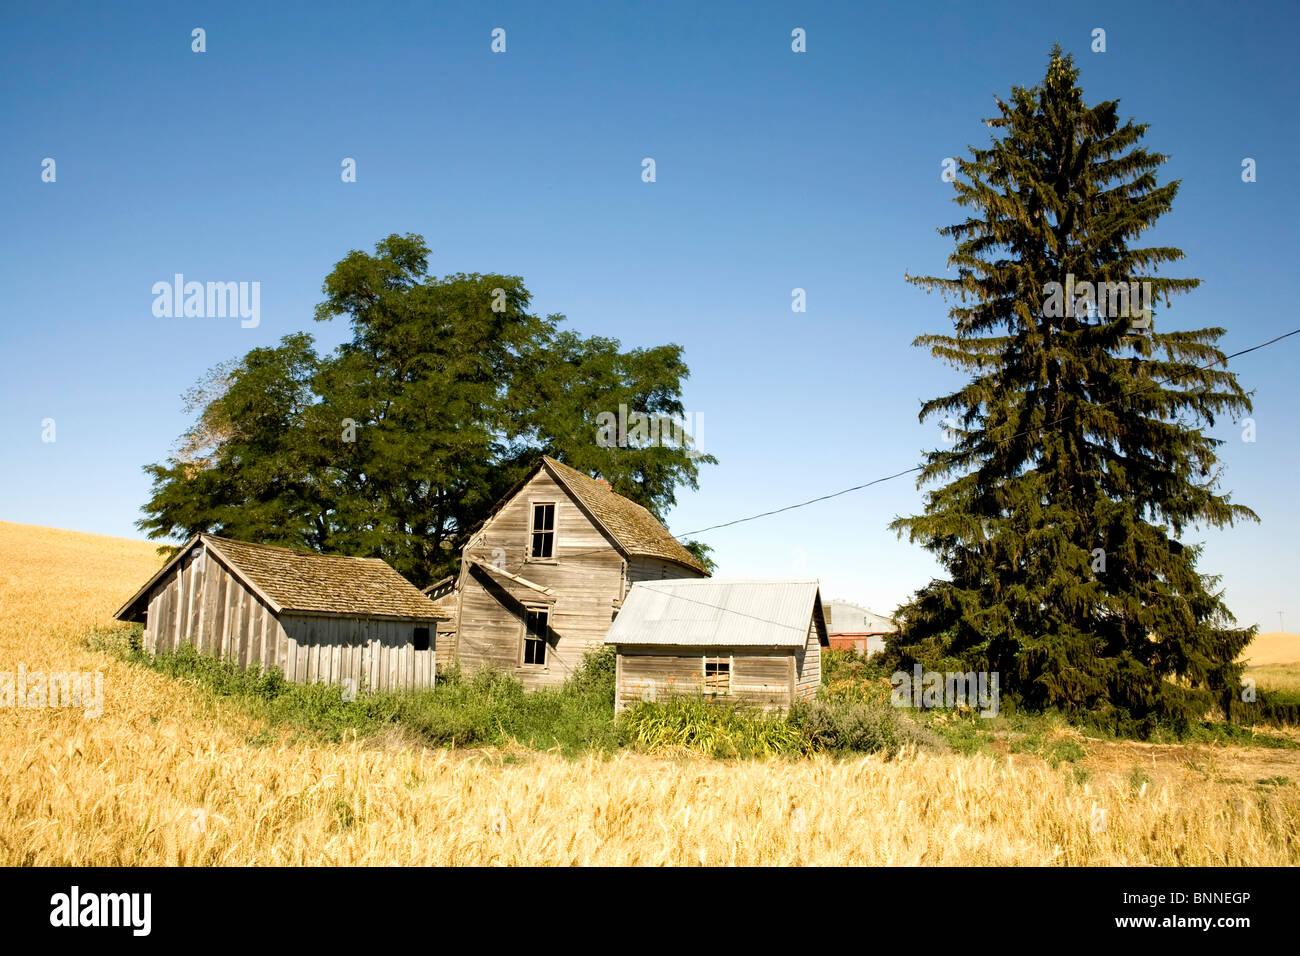 Casa abbandonata nella nebbia di un campo di grano Immagini Stock